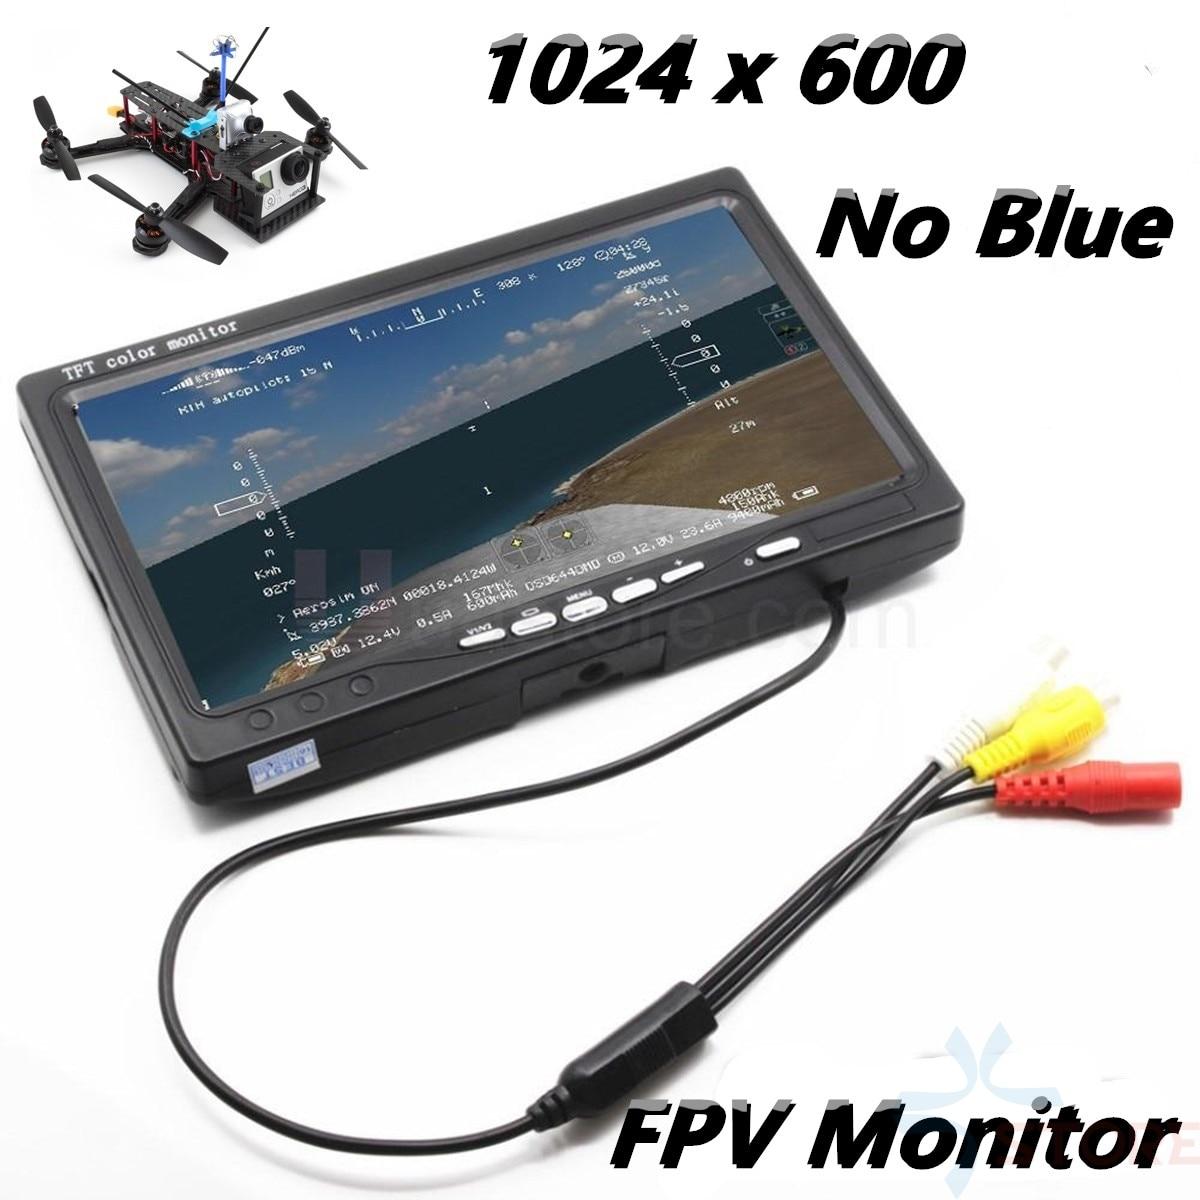 7 pouce LCD TFT FPV Moniteur 1024x600 w/T plug Écran Aucun bleu FPV Moniteur Photographie pour la Station Au Sol Phantom RC Modèle QAV250